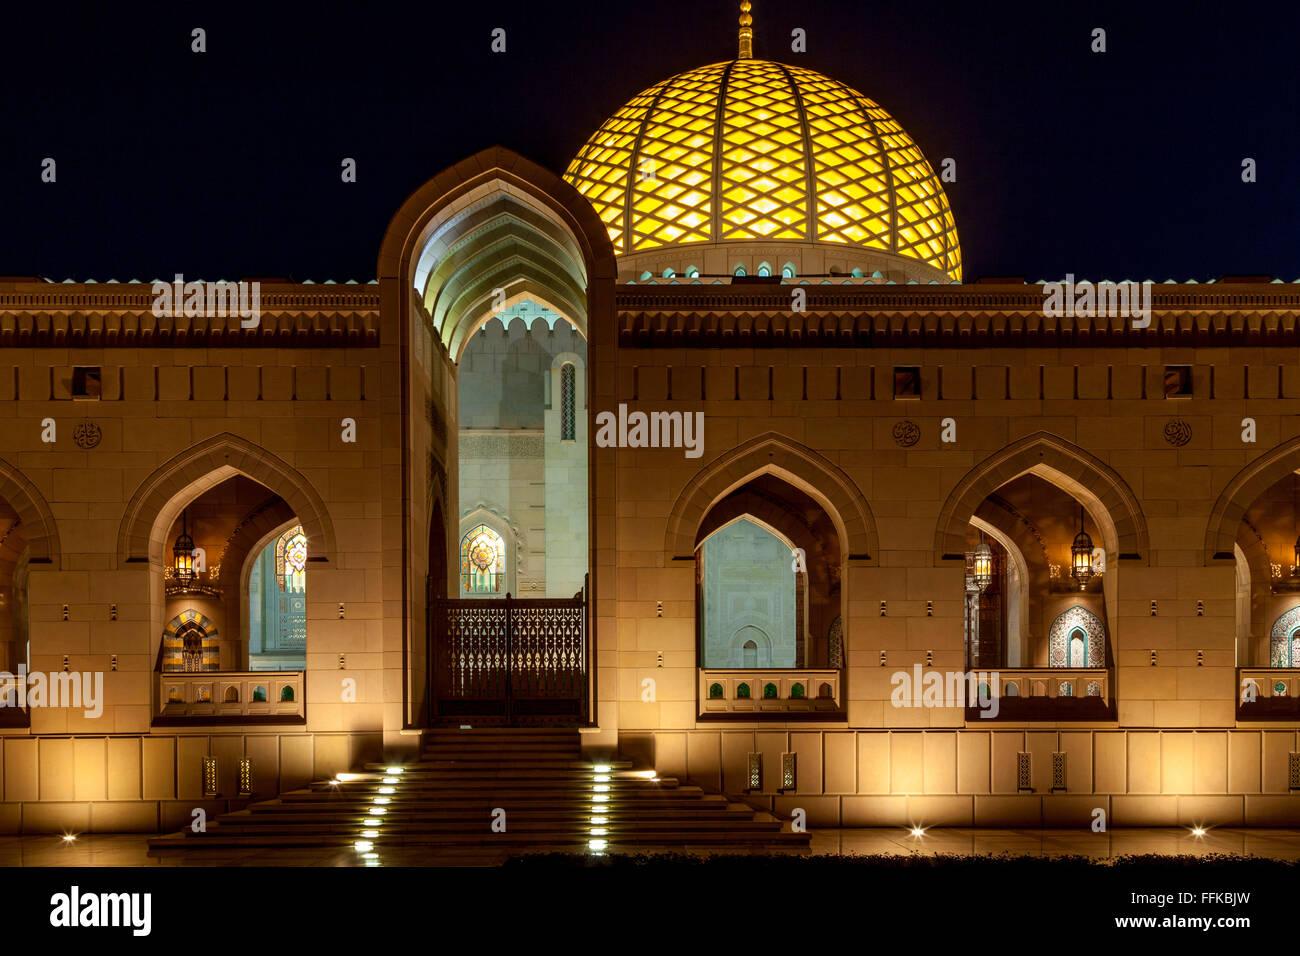 Gran Mezquita Sultan Qaboos, Mascate, Sultanato de Omán Imagen De Stock